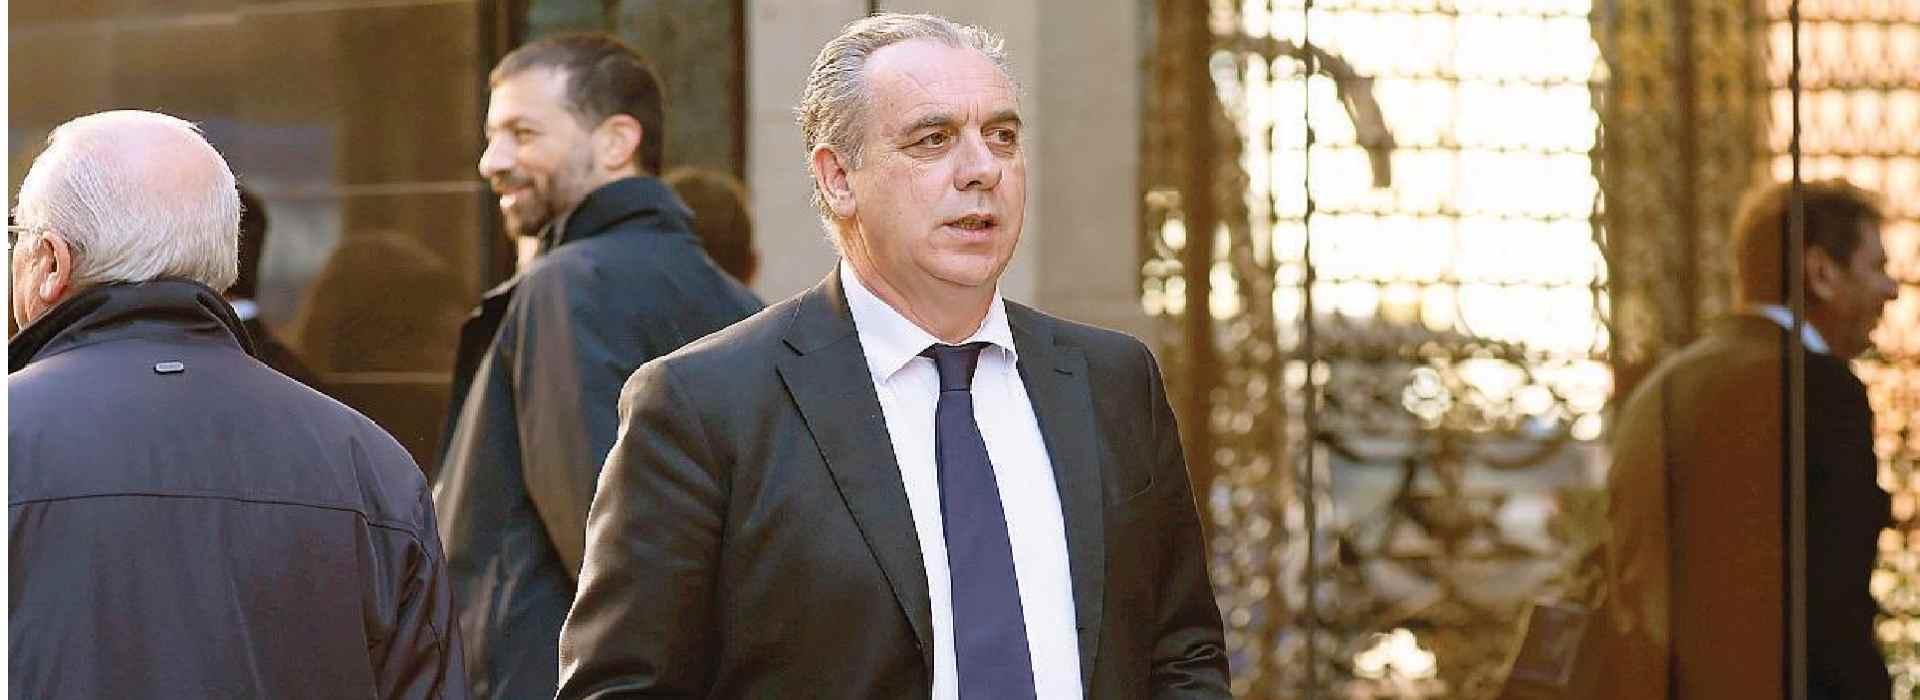 """Caso Palamara: Giovanni Legnini chiede scusa a Repubblica: """"Ho usato una frase infelice"""""""